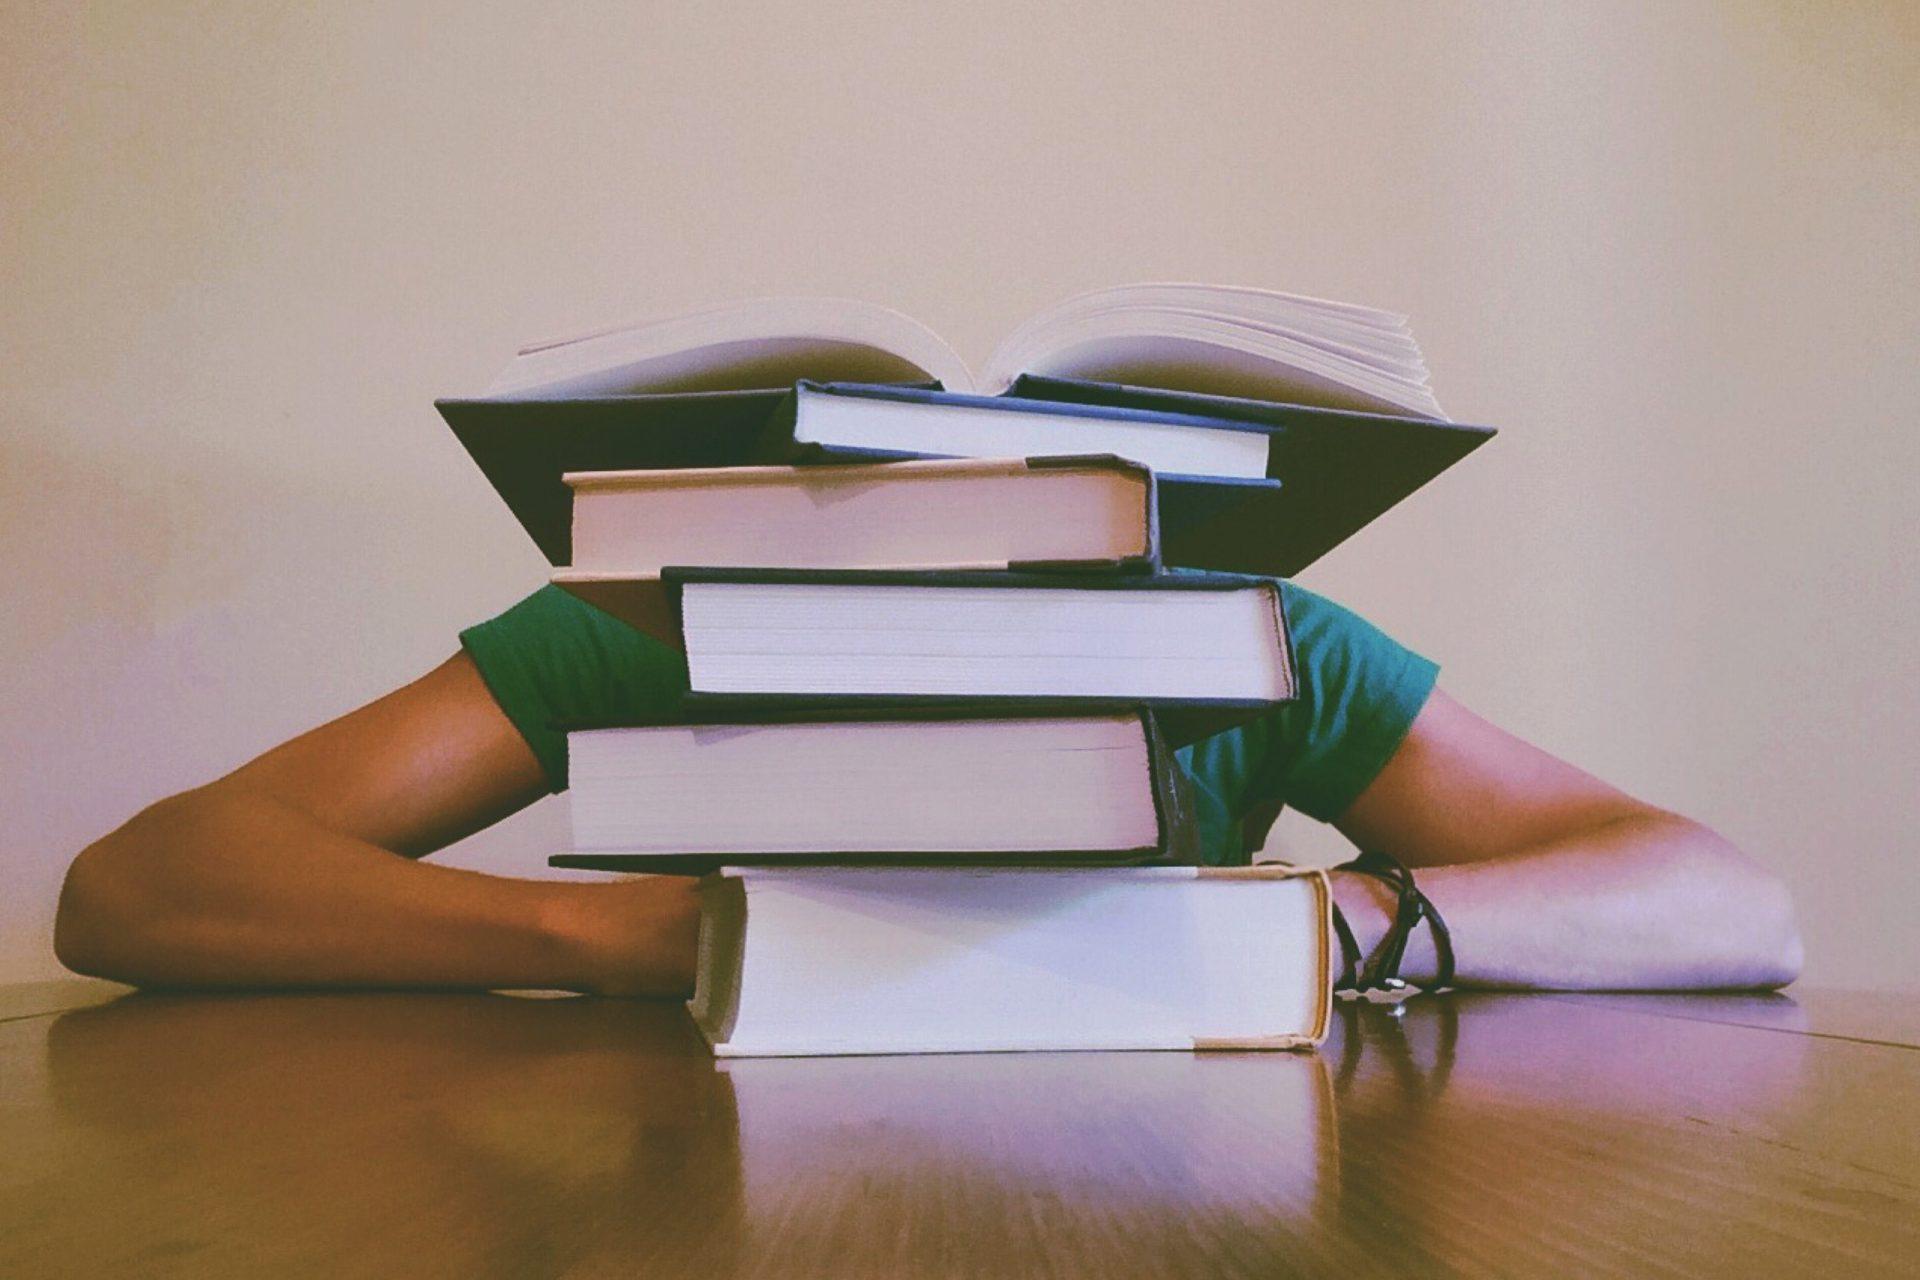 Mit Diesen Lernmethoden Fällt Das Lernen Leichter